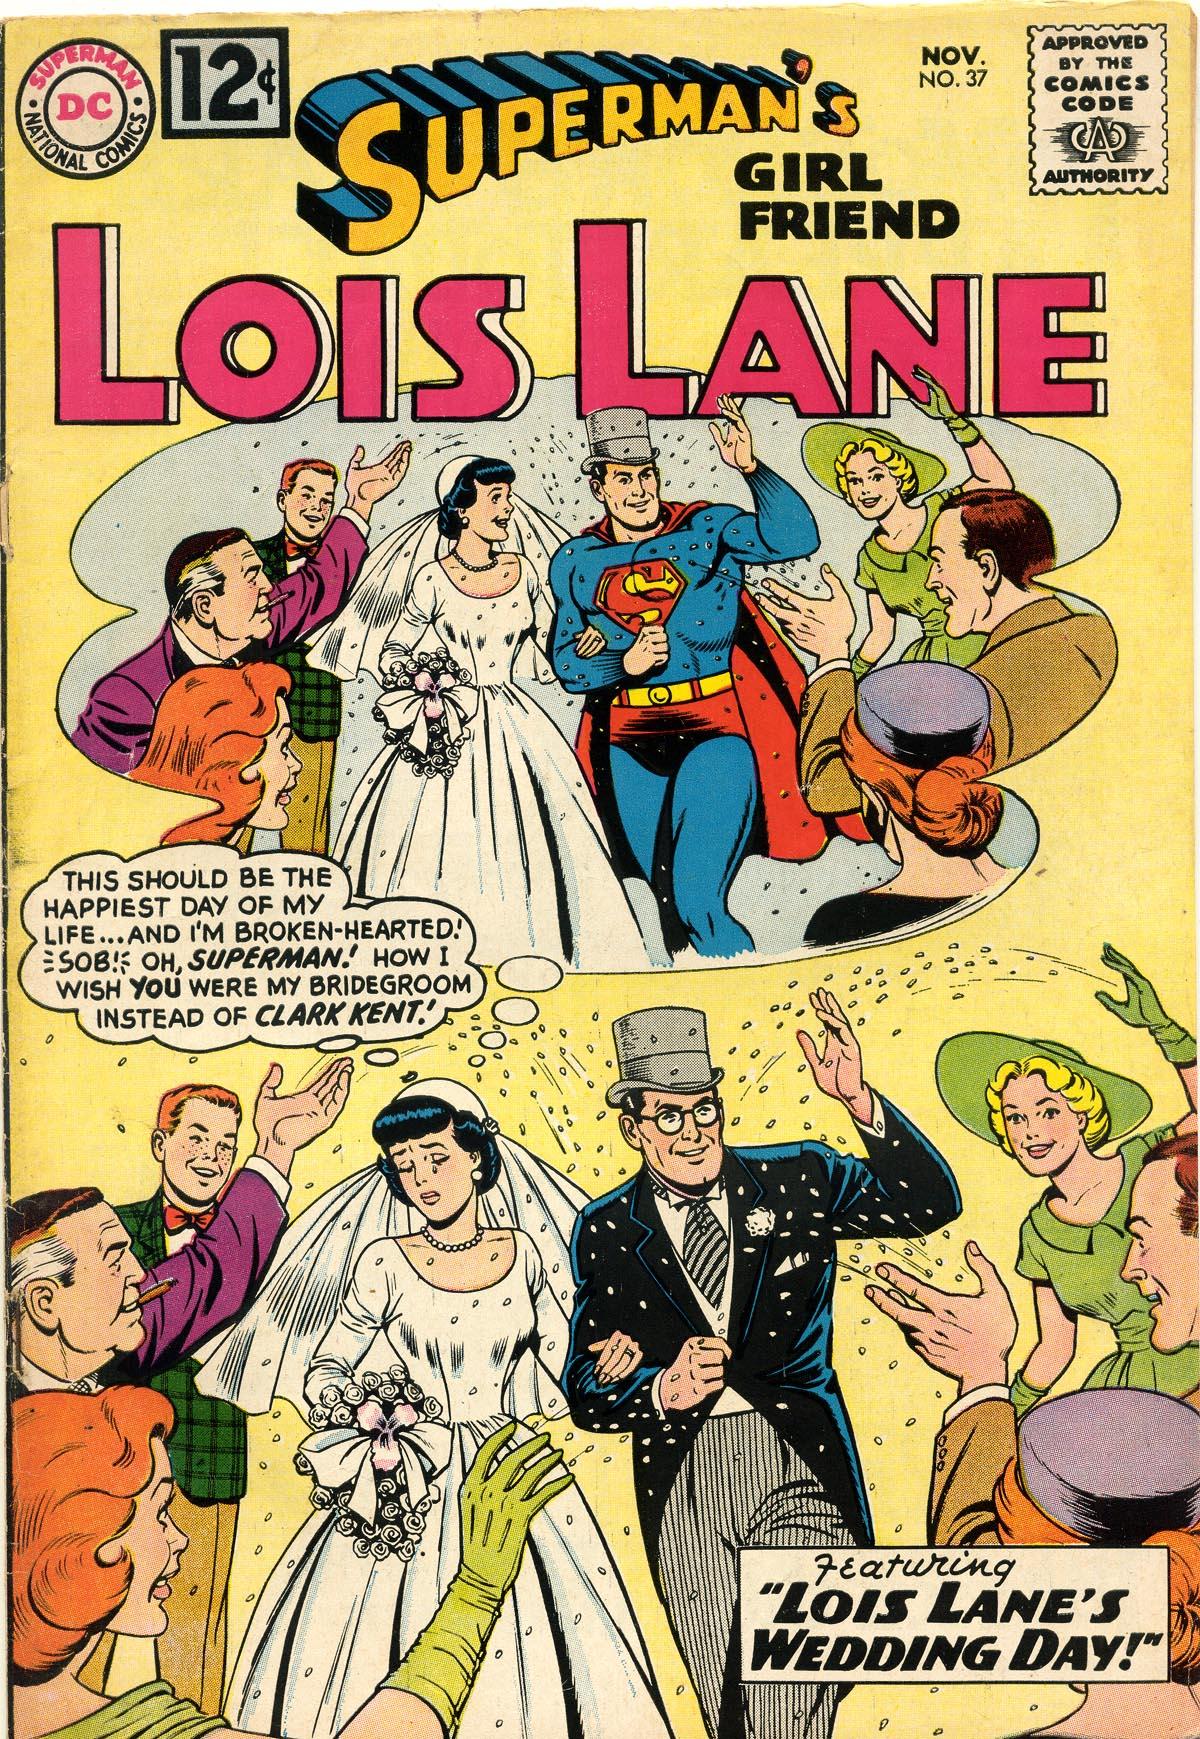 Supermans Girl Friend, Lois Lane 37 Page 1